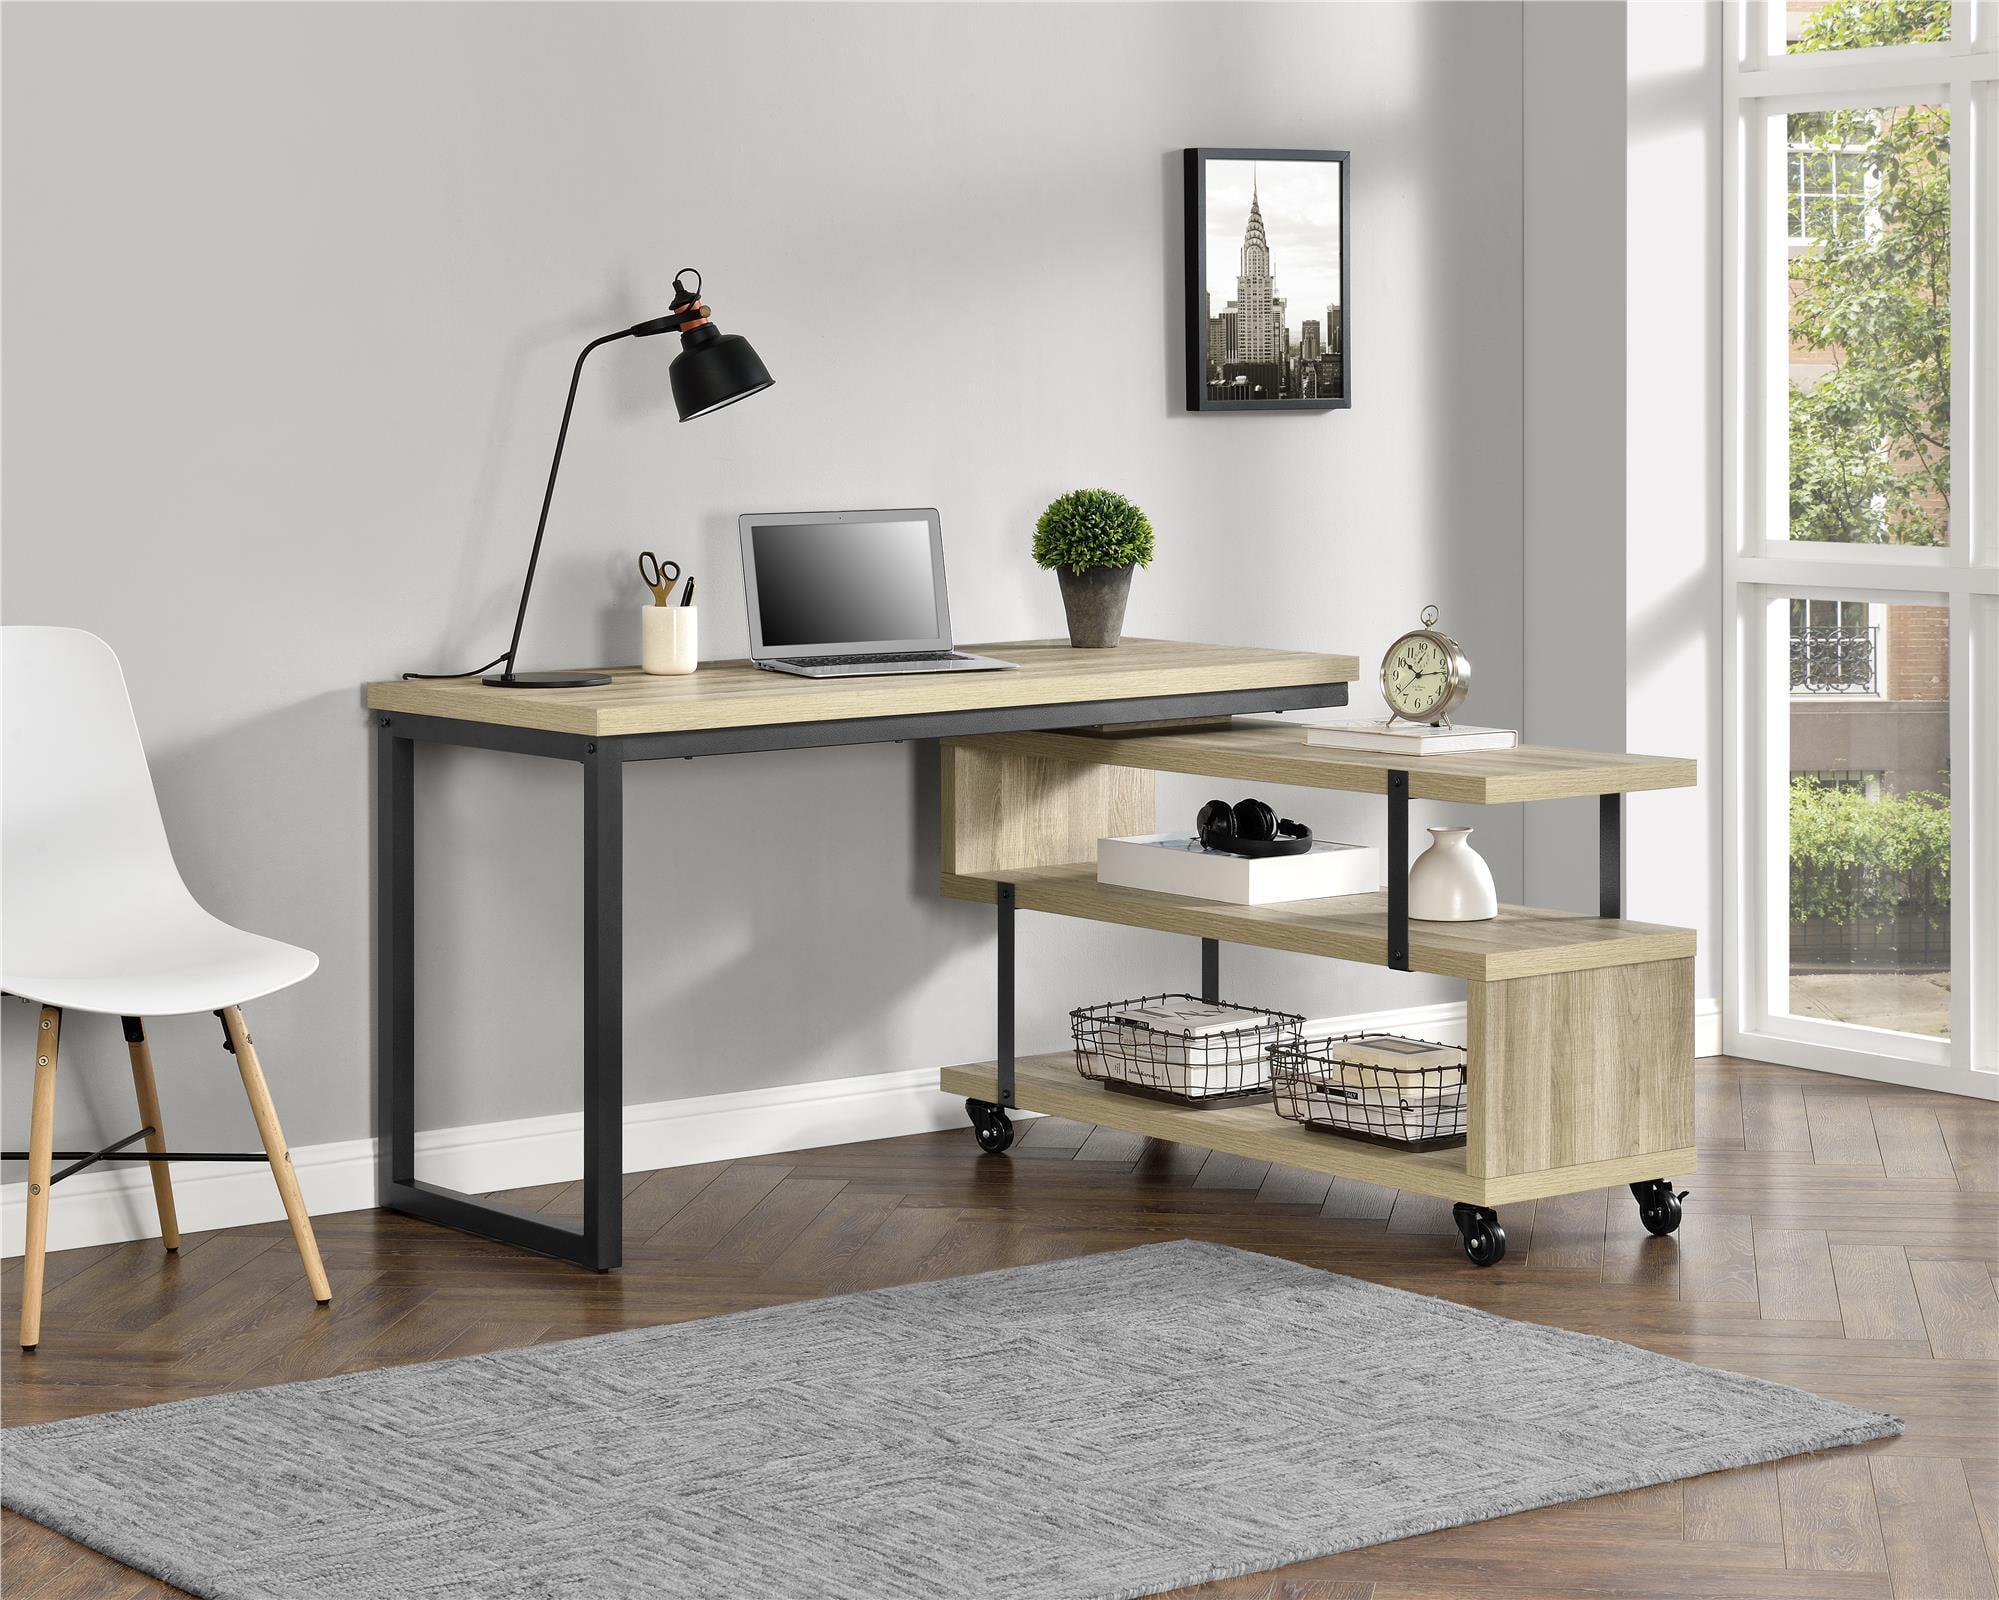 Better homes gardens galloway l shaped desk brown oak walmart com